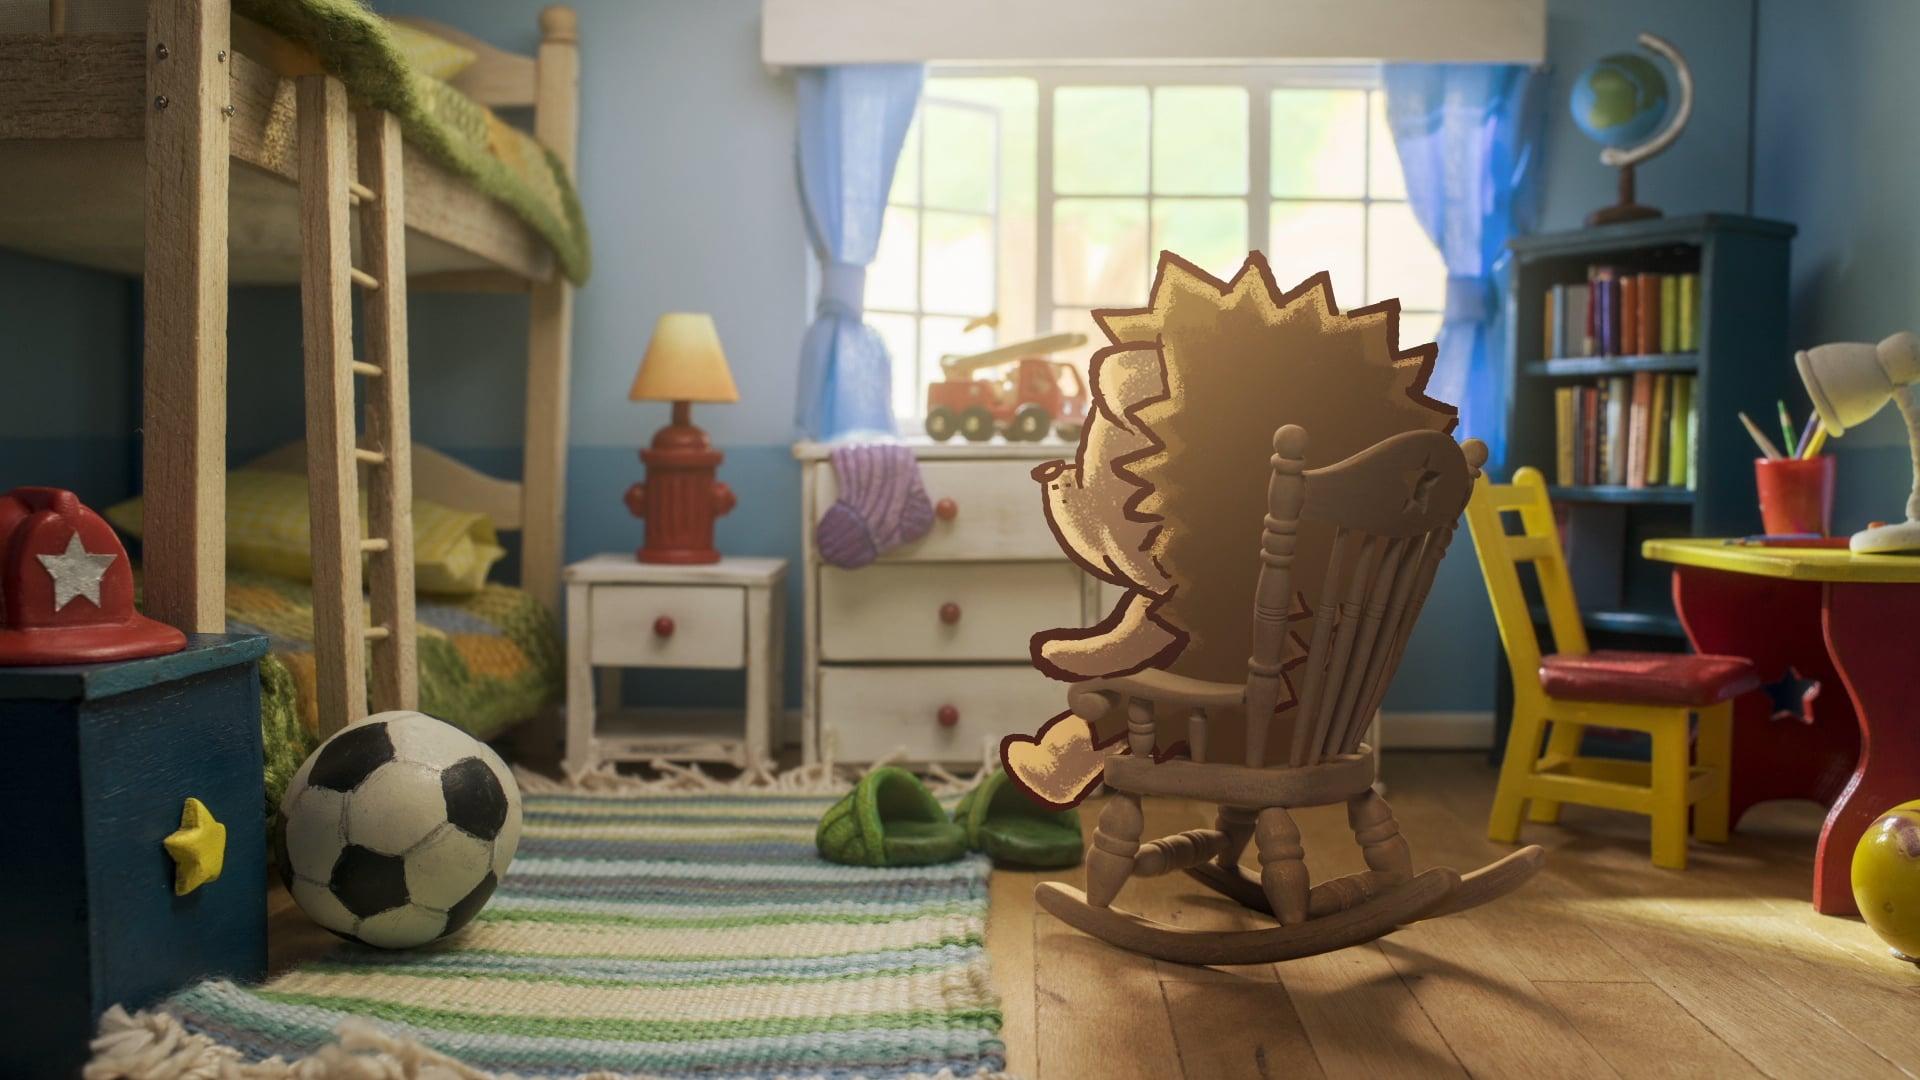 Sam The Hedgehog: <em>A local short about autism acceptance</em>